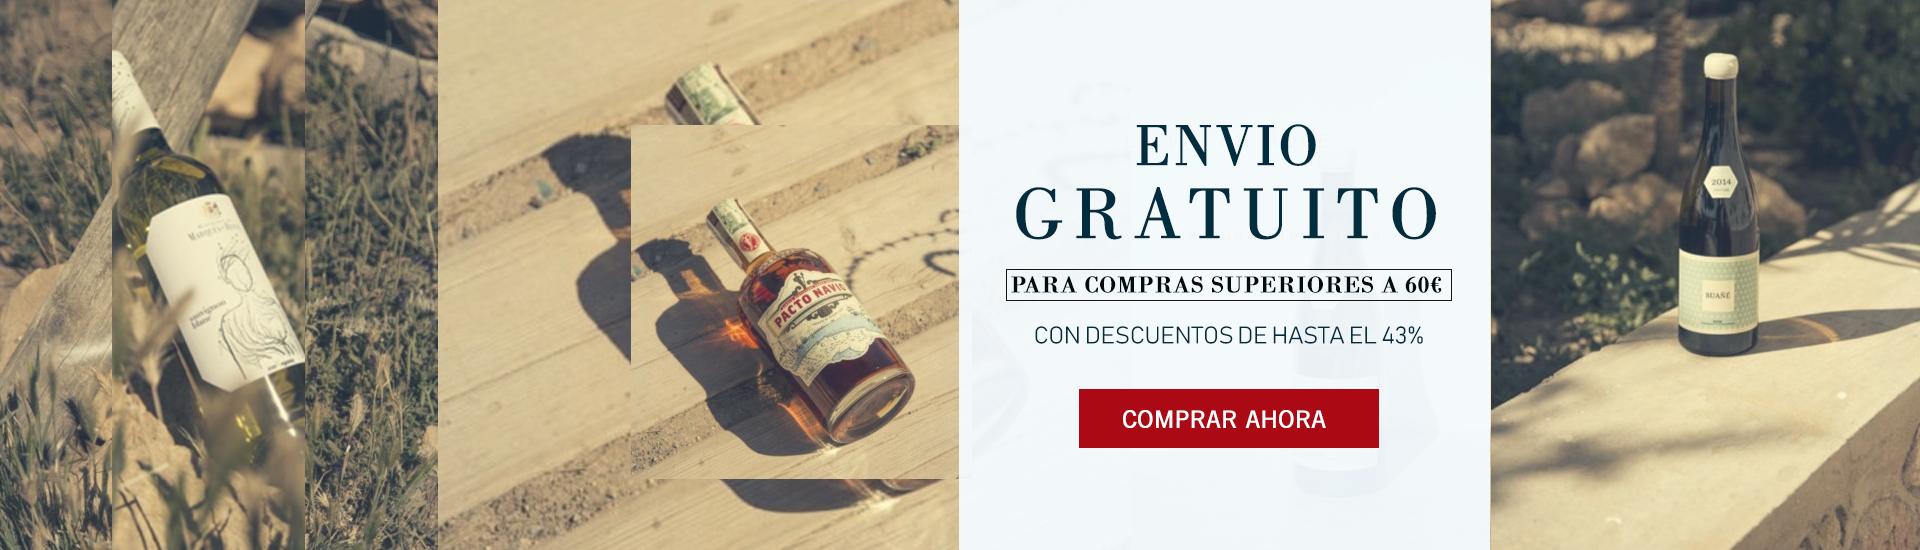 GASTOS DE ENVIO GRATUITOS